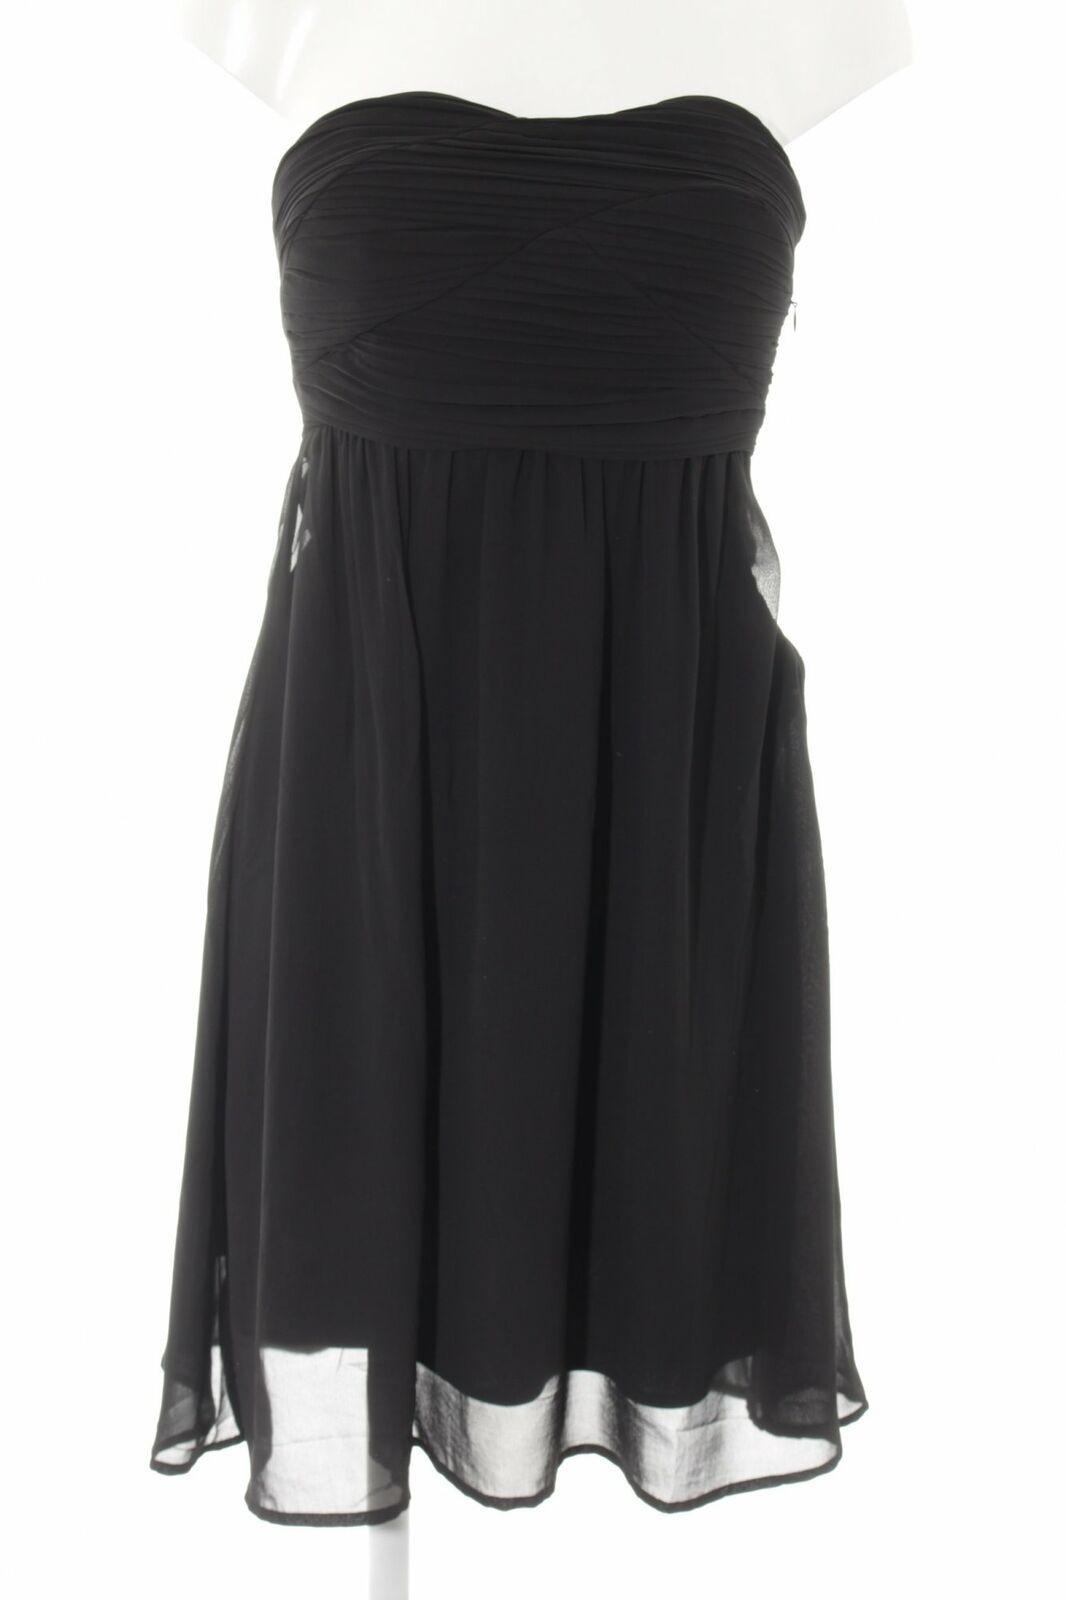 10 Fantastisch Vero Moda Abendkleider Stylish20 Einzigartig Vero Moda Abendkleider Ärmel